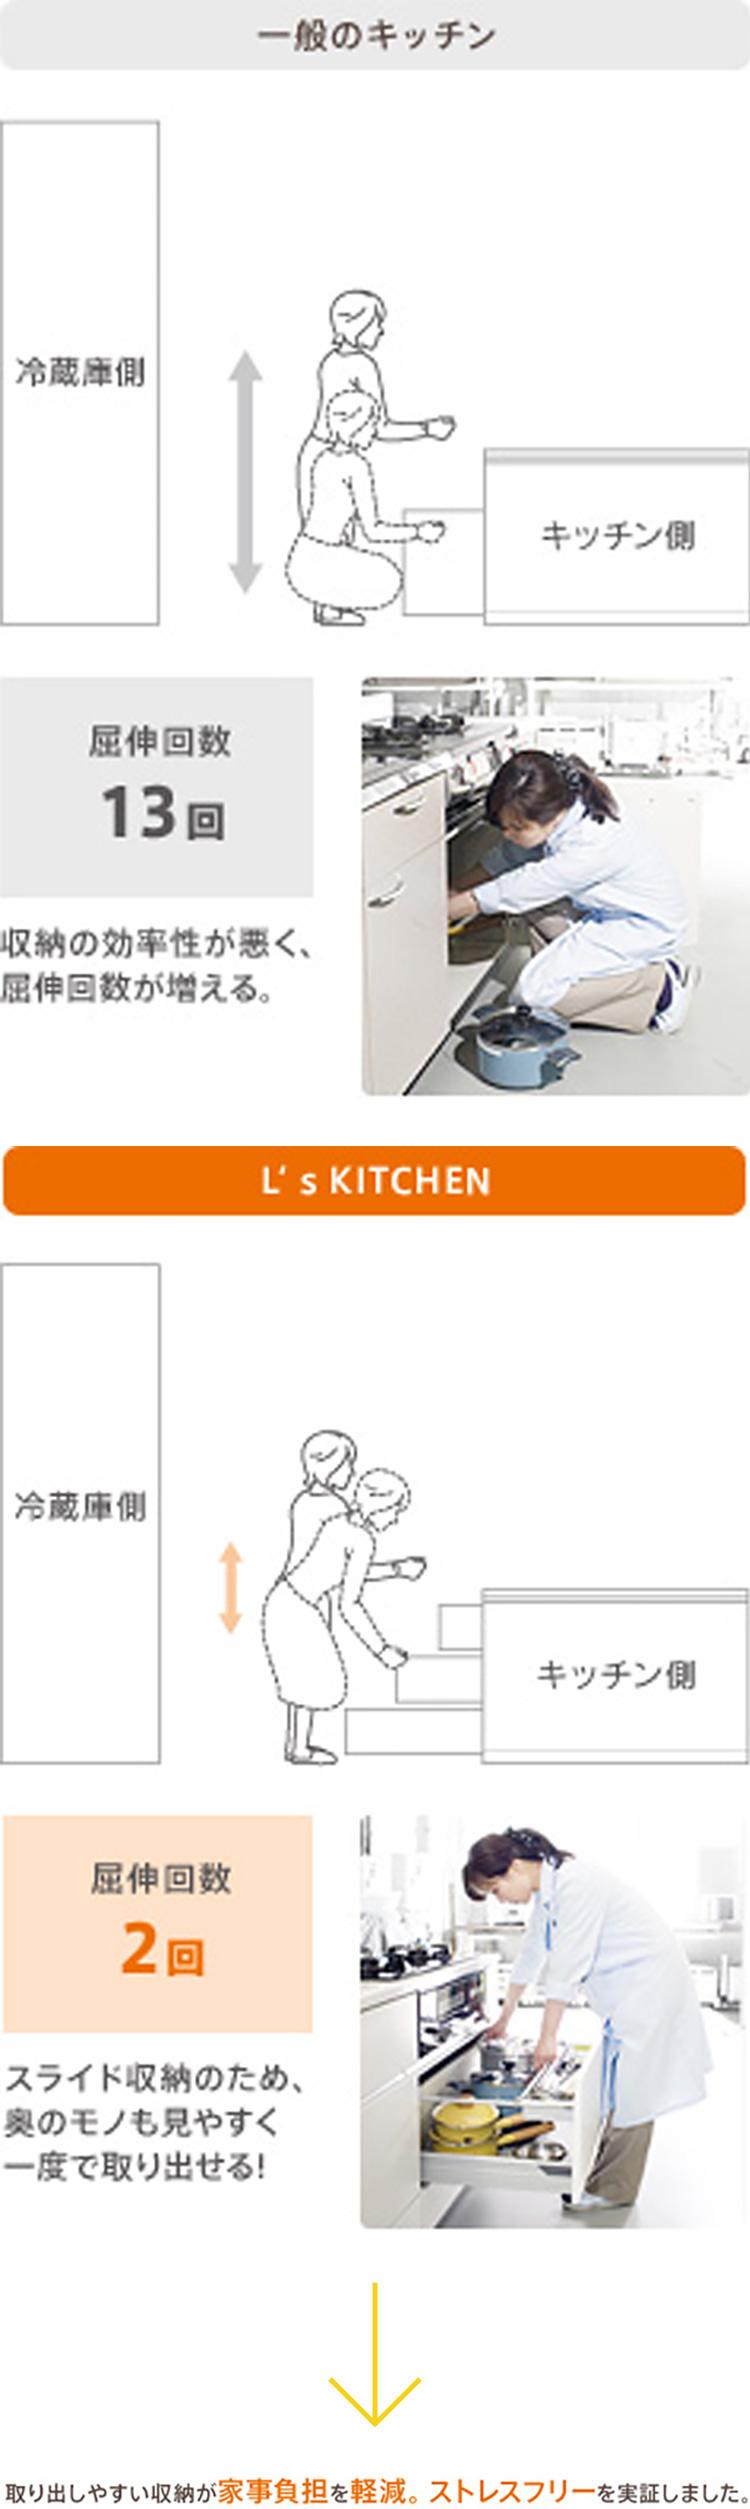 一般のキッチン 屈伸回数13回 収納の効率性が悪く、屈伸回数が増える。 L's KITCHEN 2回 スライド収納のため、奥のものも見やすく一度で取り出せる! 取り出しやすい収納が家事負担を軽減。ストレスフリーを実証しました。